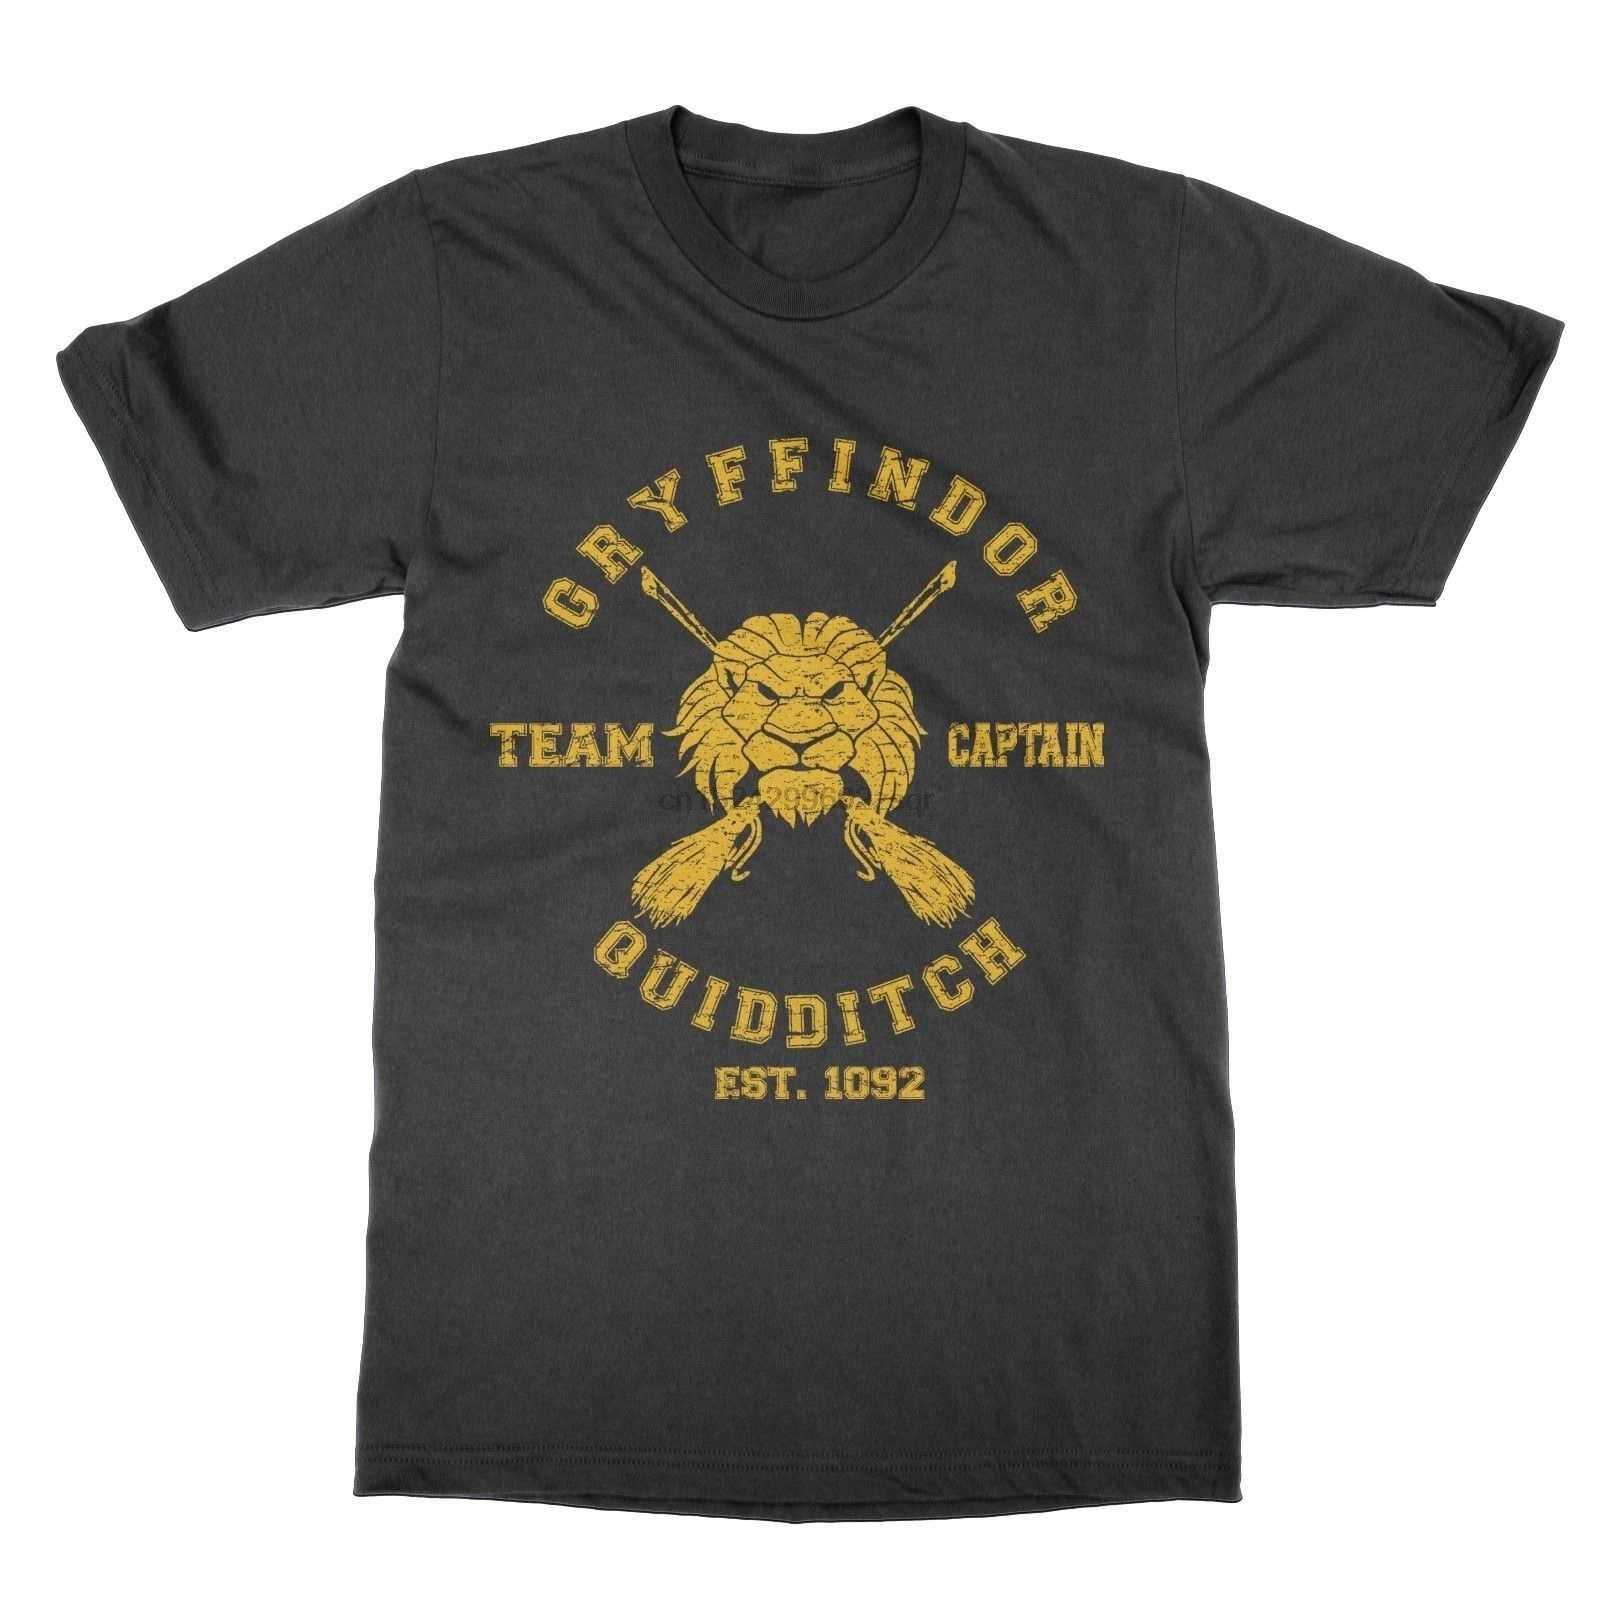 Nhà Gryffindor Đội Quidditch Thuyền Trưởng Nam Áo Thun Nữ Tay Ngắn (1)